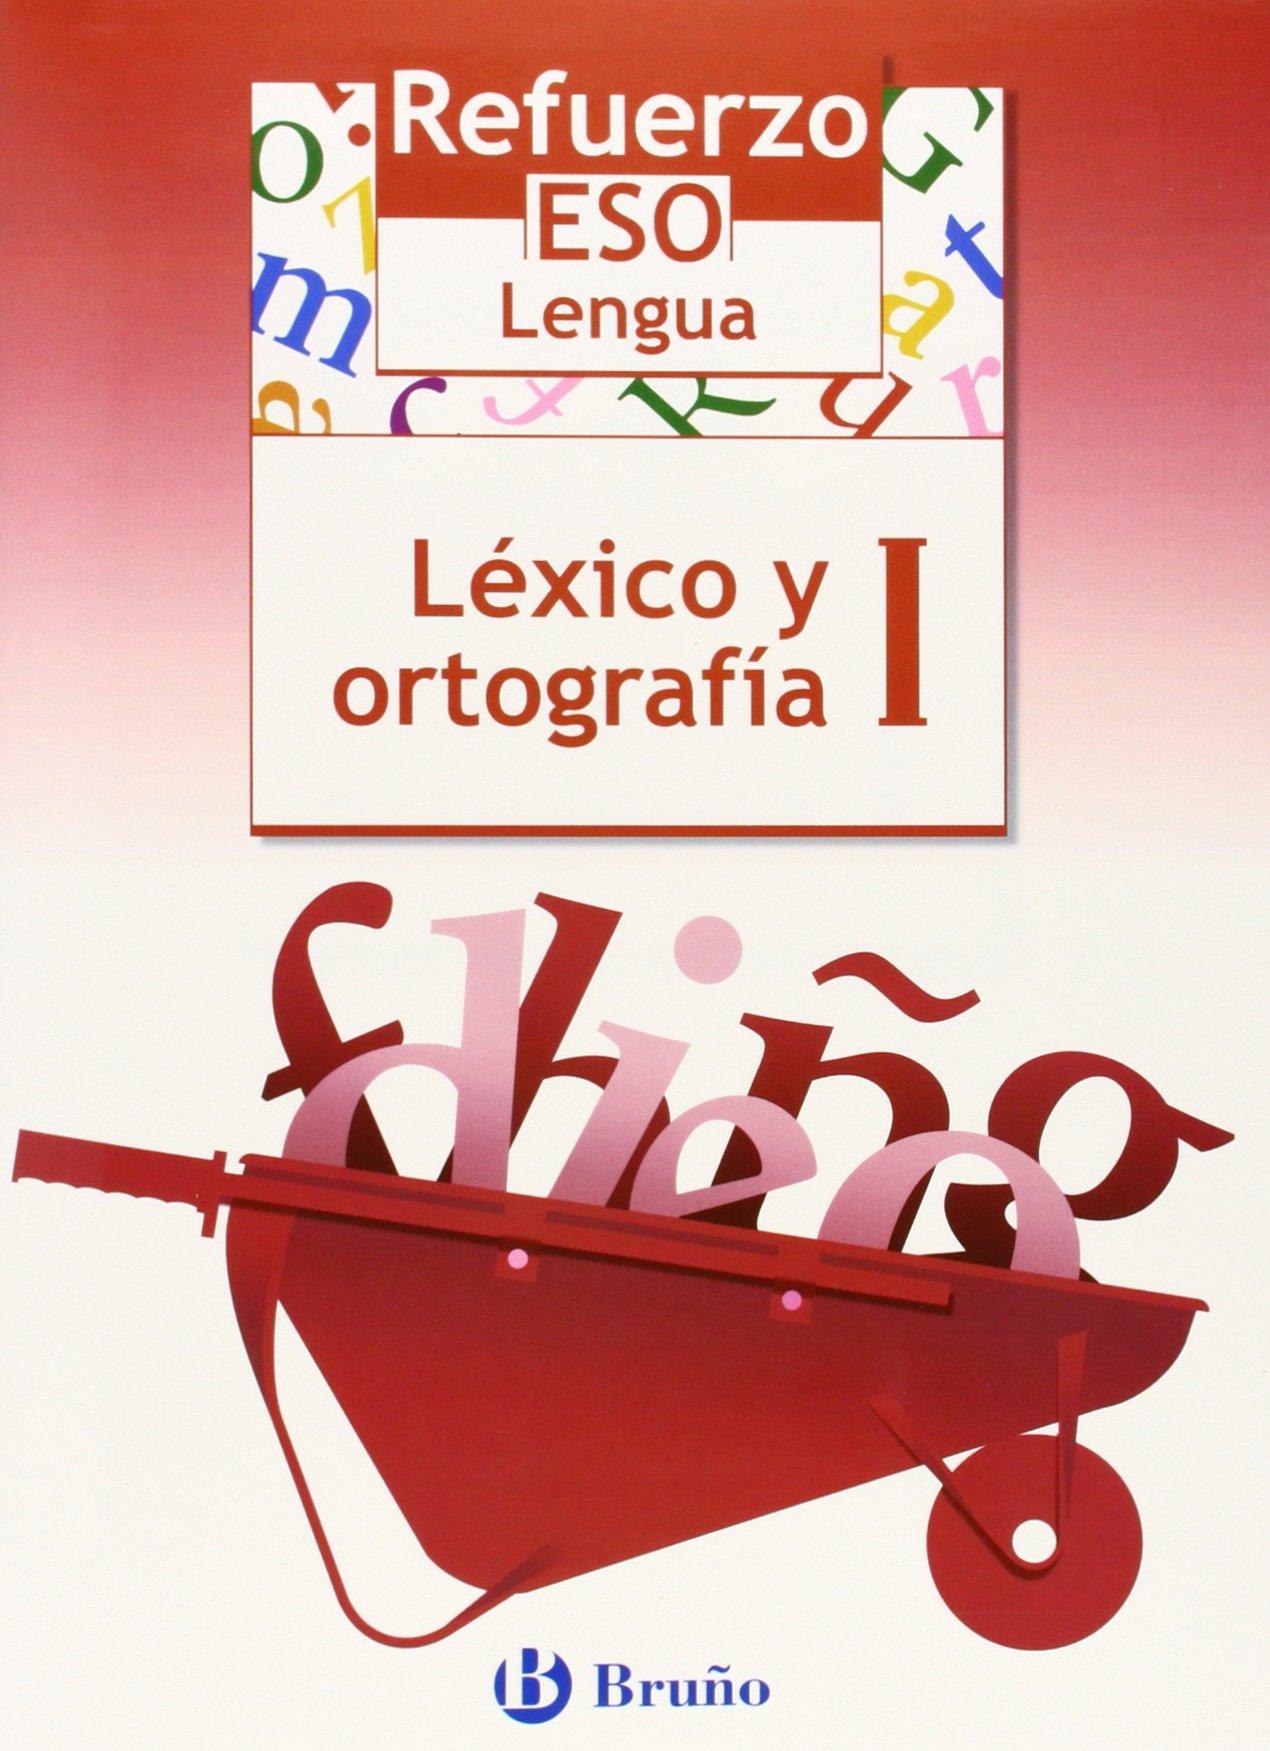 Refuerzo Lengua ESO Léxico y ortografía I: 1 Castellano - Material Complementario - Refuerzo Lengua Eso - 9788421651056: Amazon.es: Jesús Gómez Picapeo, ...